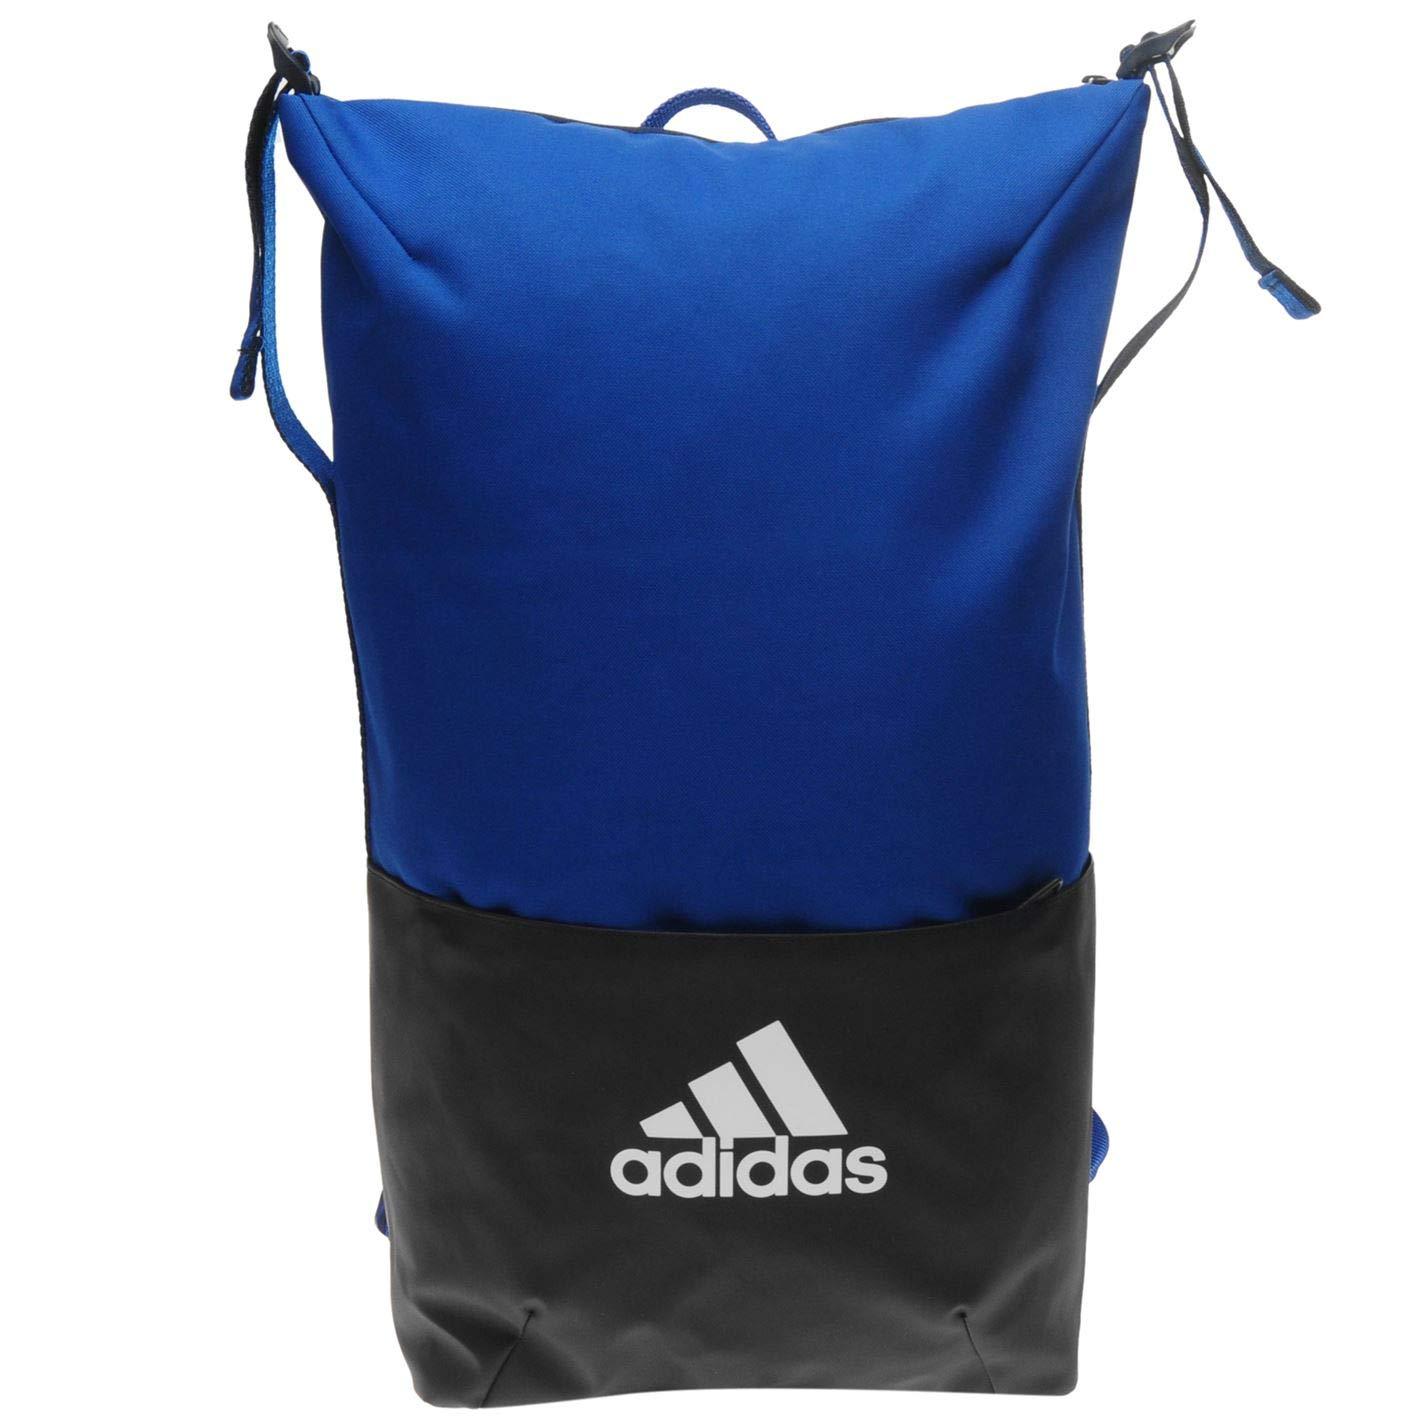 Zne AdulteBleumarunireauniblanco CoreCartable Adidas Mixte OkXiZuP